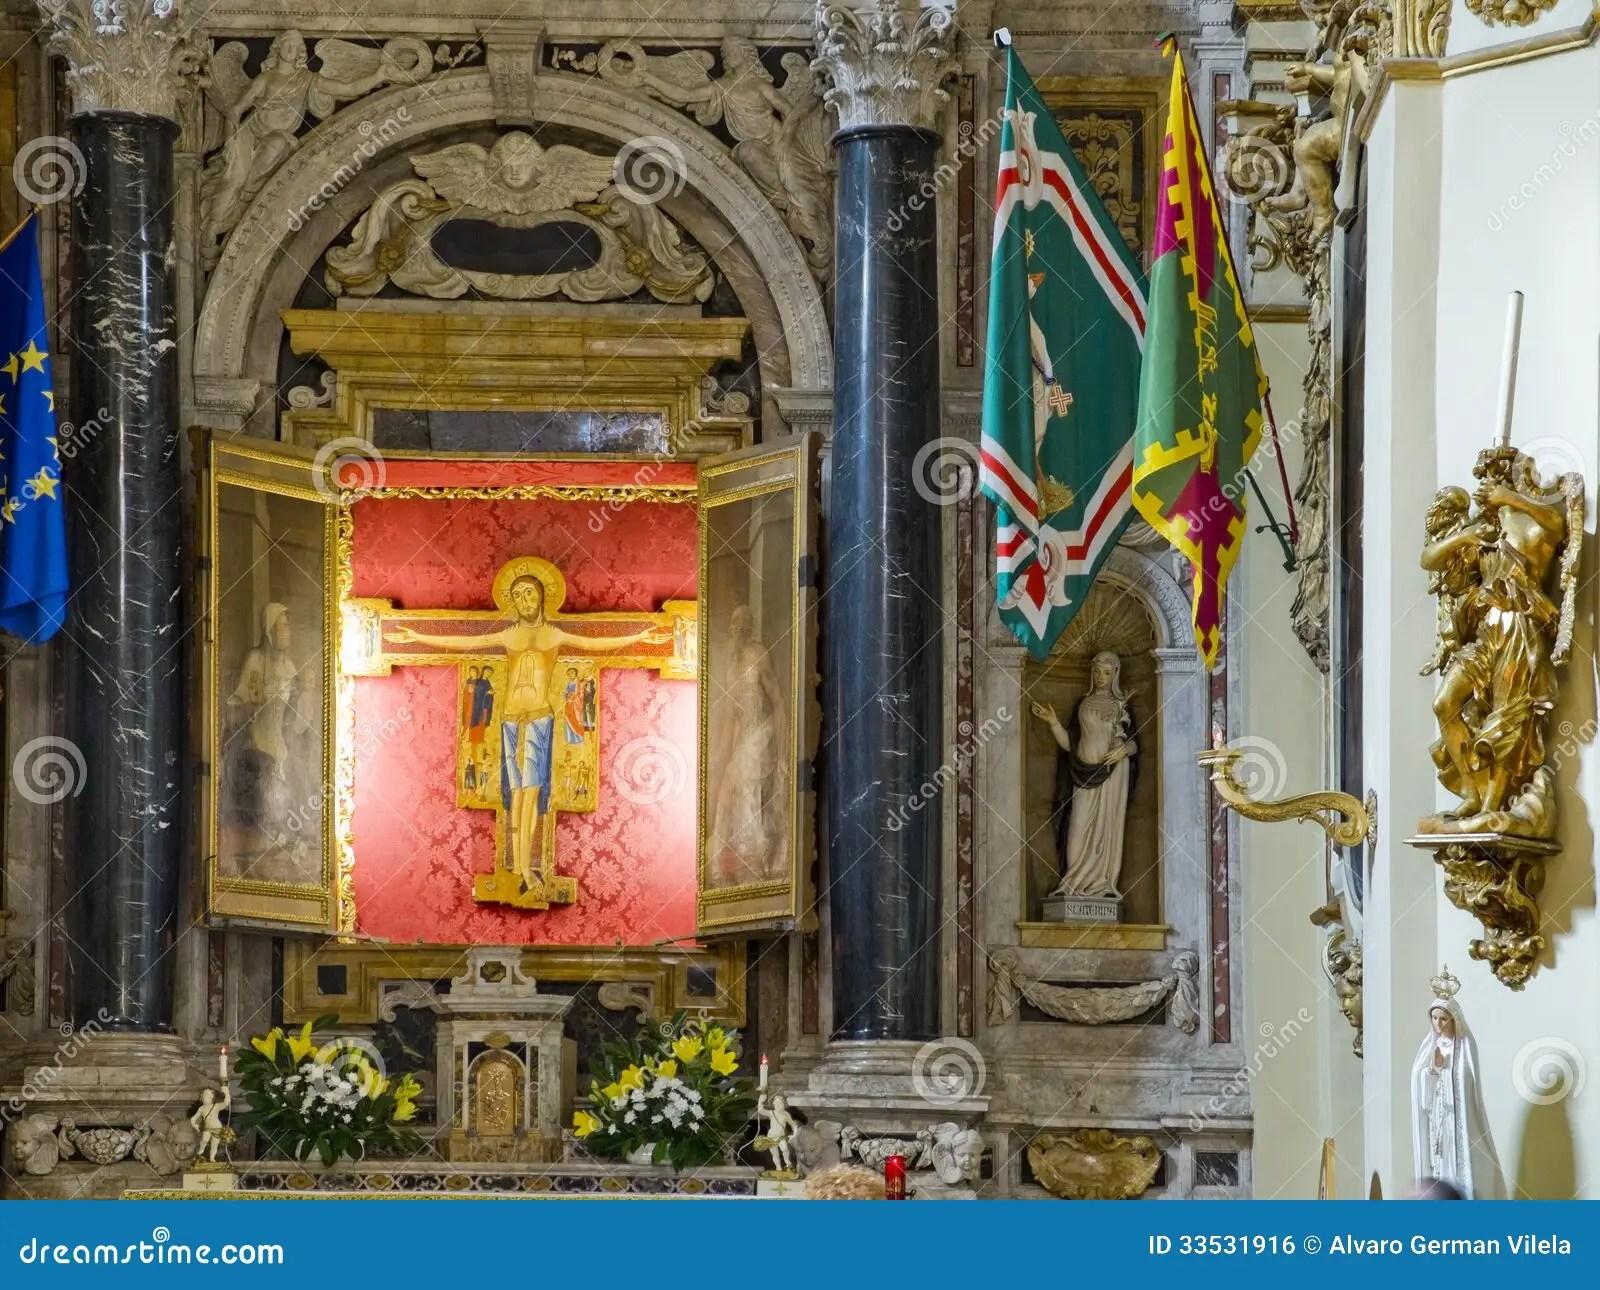 The Crocifisso Church In Casa Santuario Di Santa Caterina Siena Italy Stock Photo  Image